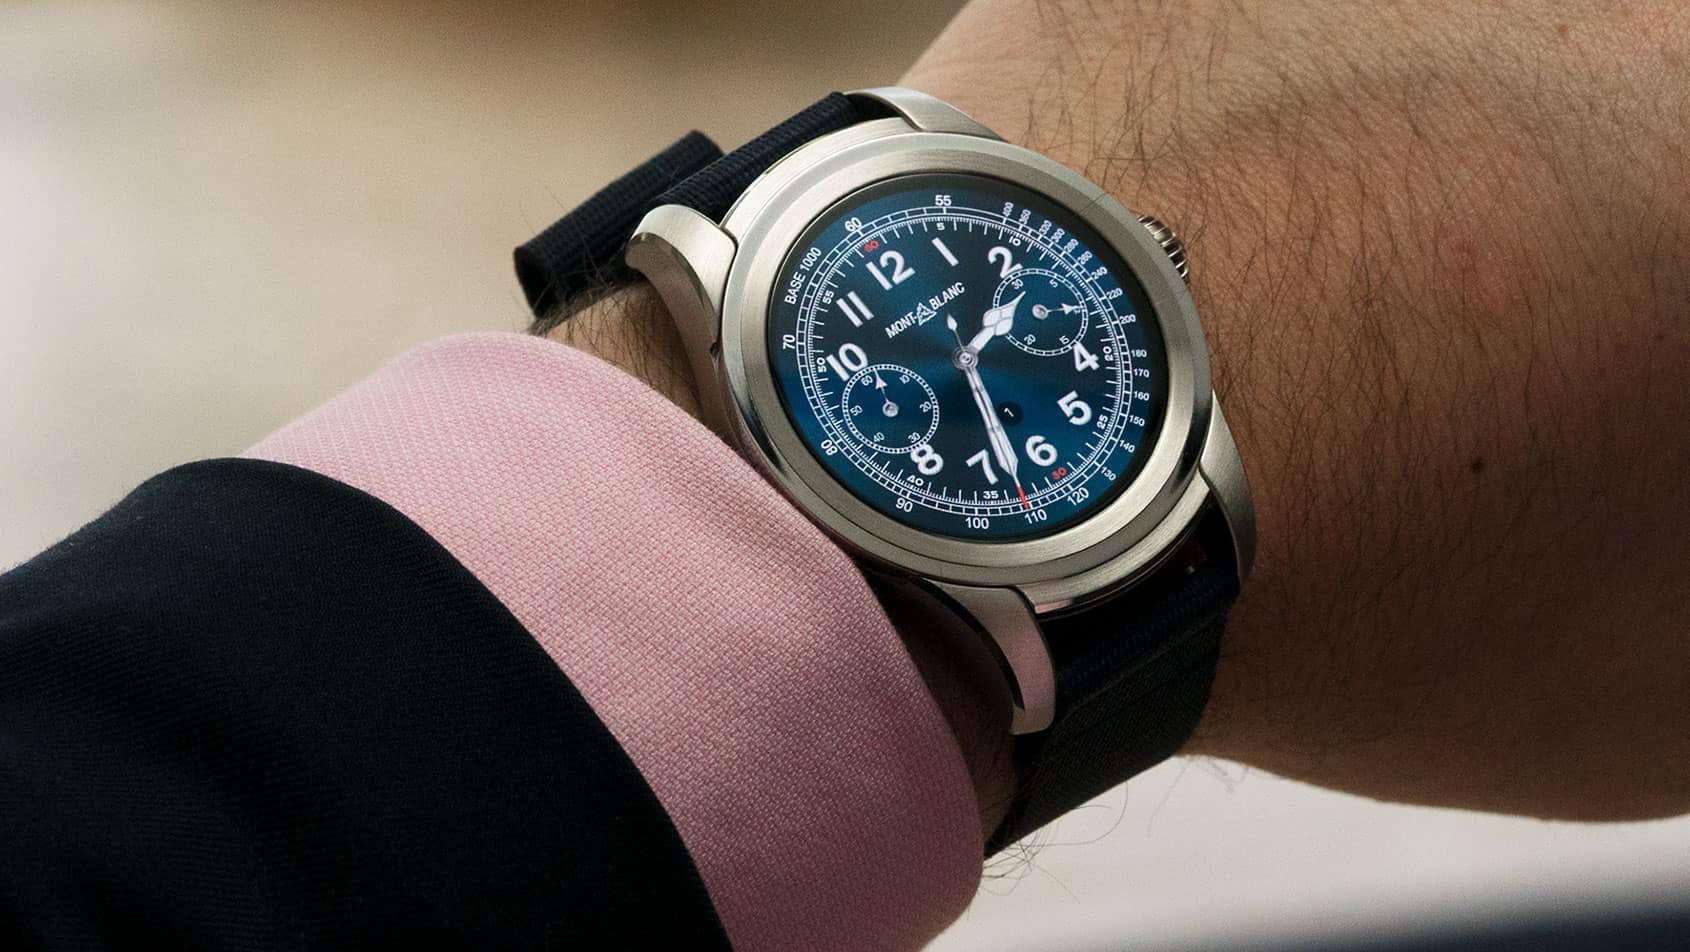 1008750657f O foco em relógios inteligentes de luxo não é uma novidade nem para a  Qualcomm nem para o Wear OS